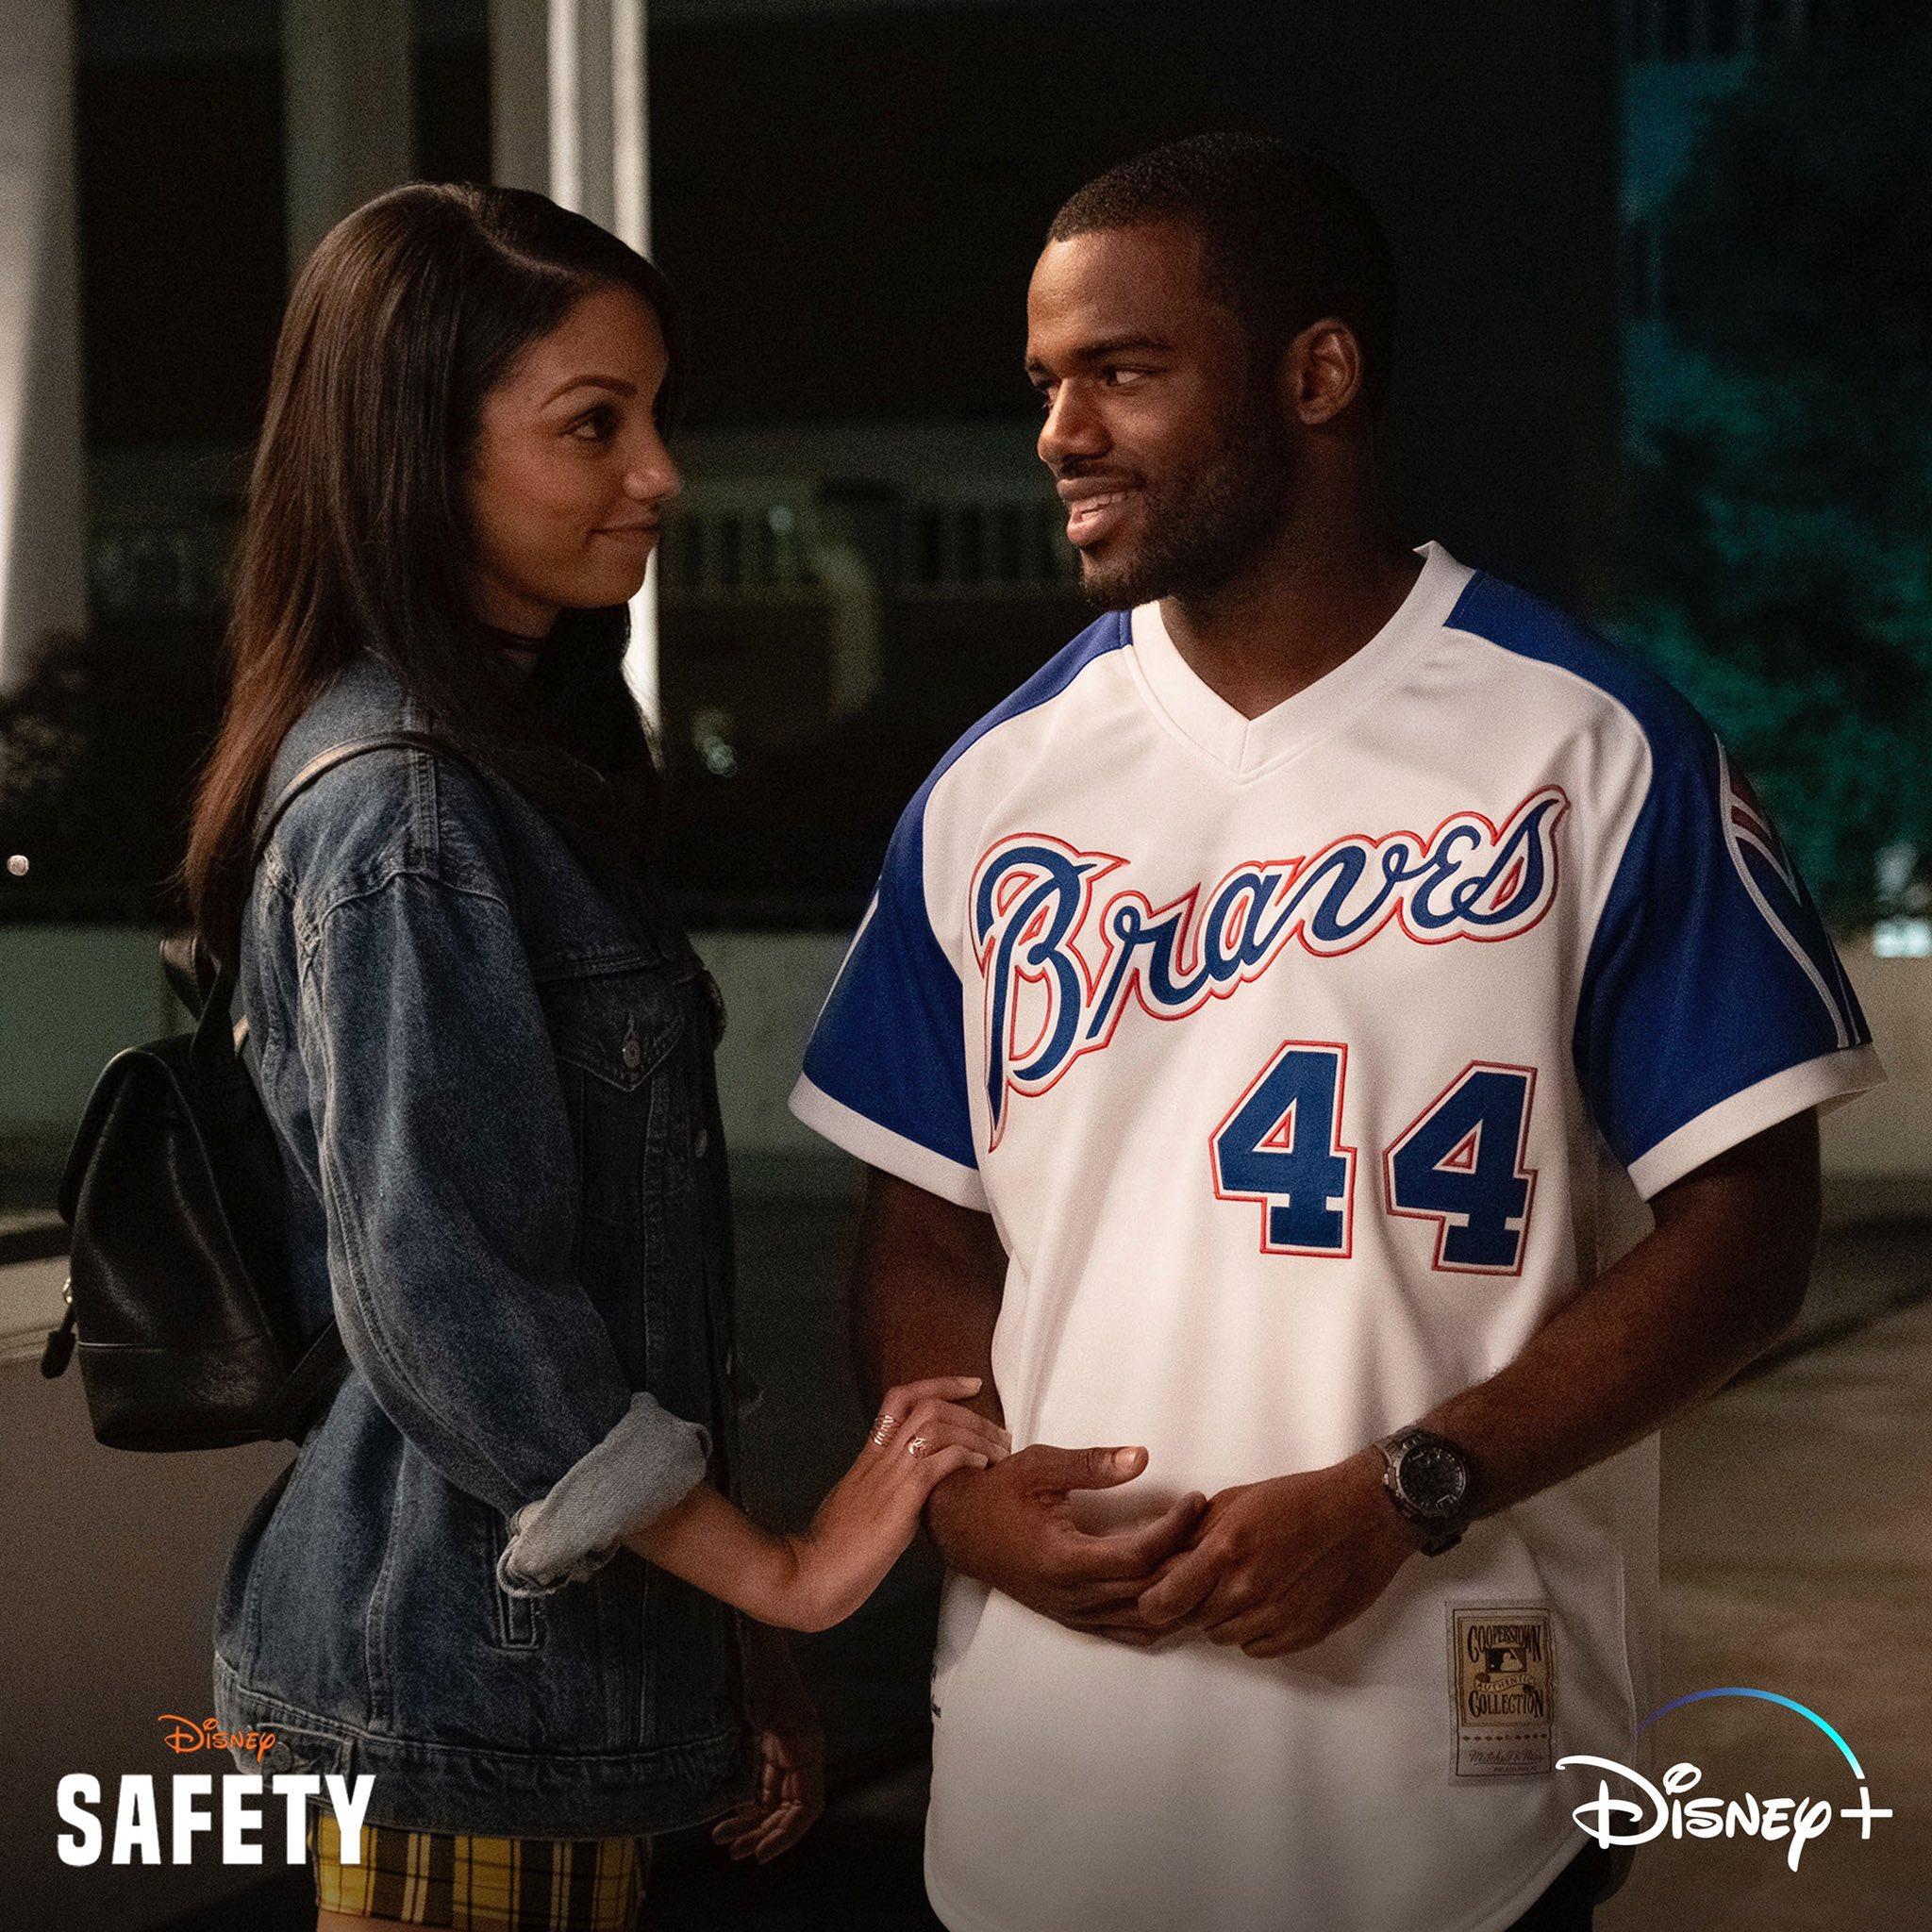 Safety [Disney - 2020] Emk5B-BWEAYfHhK?format=jpg&name=large